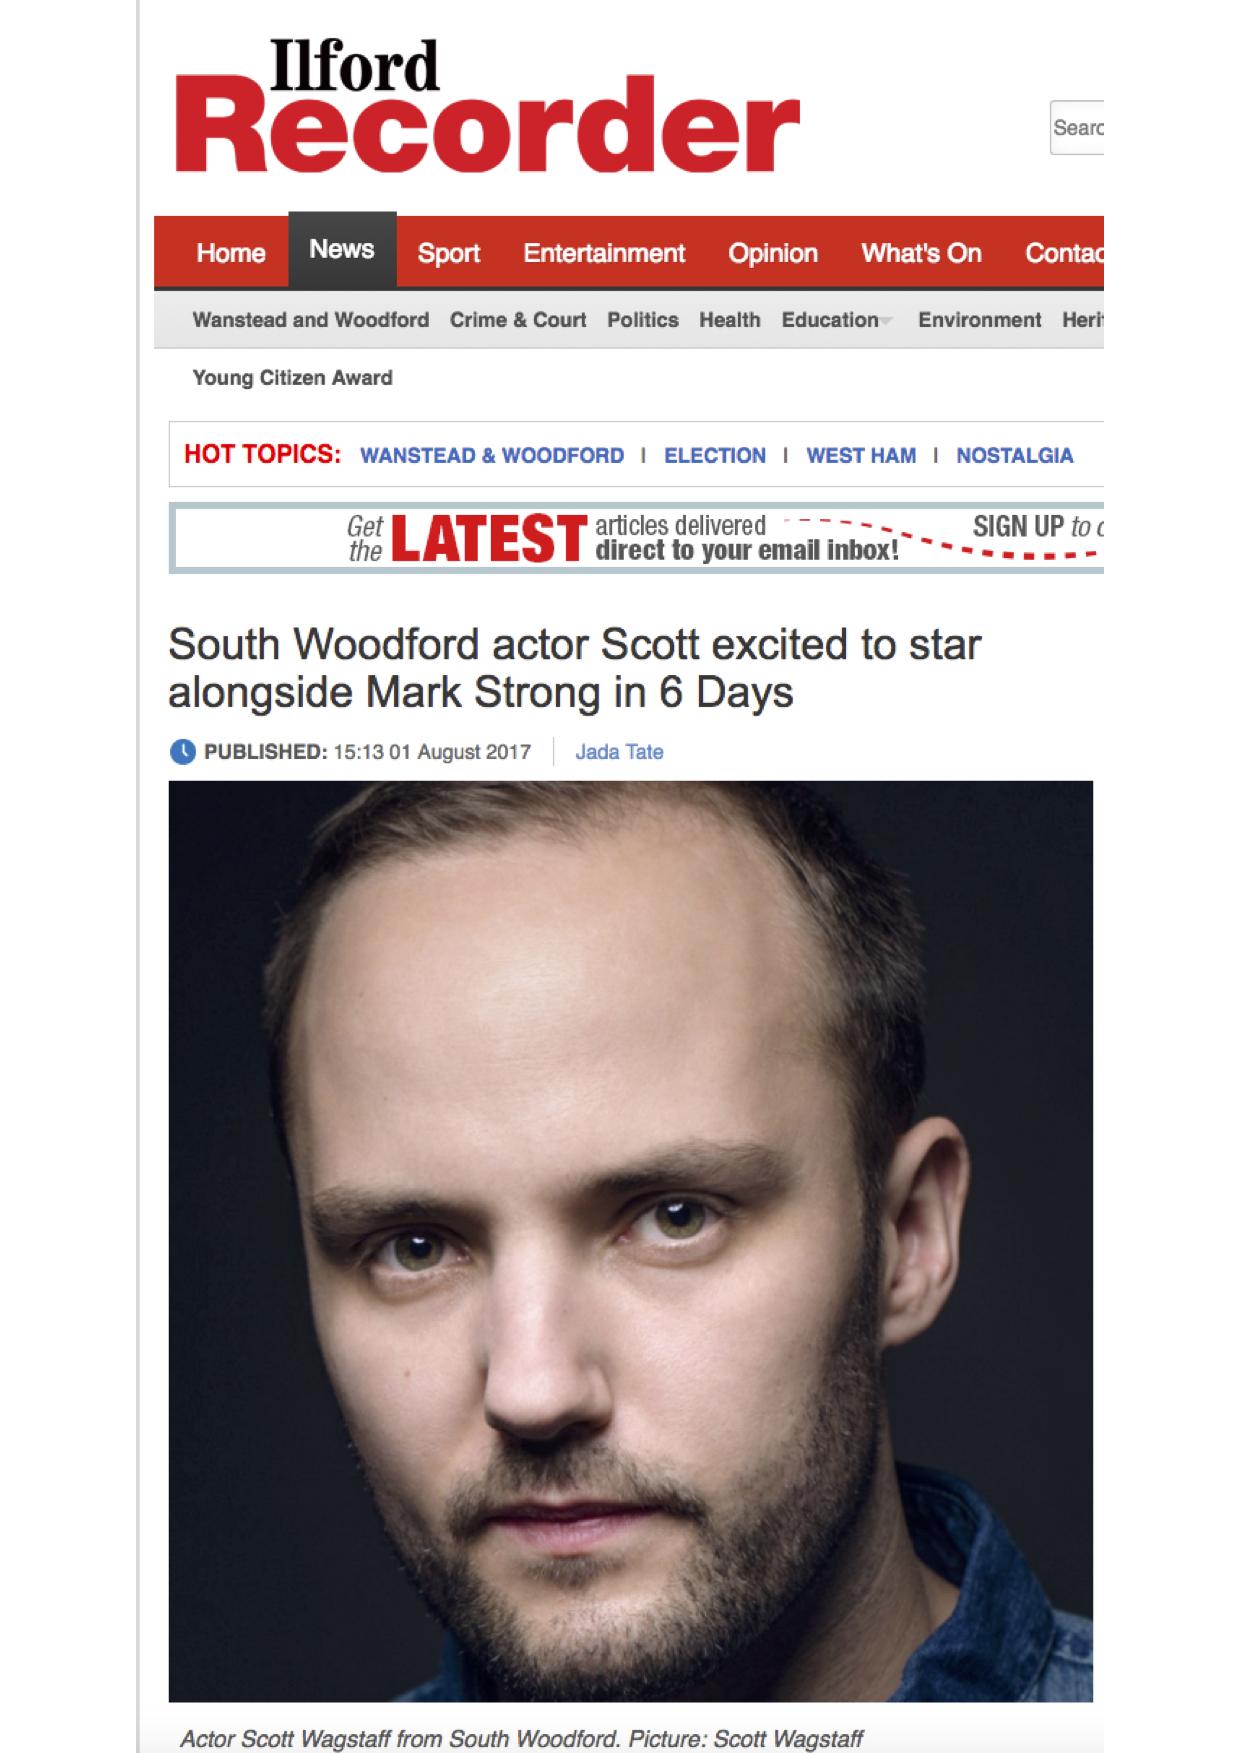 Ilford Recorder press - Scott Michael Wagstaff 2017.jpg